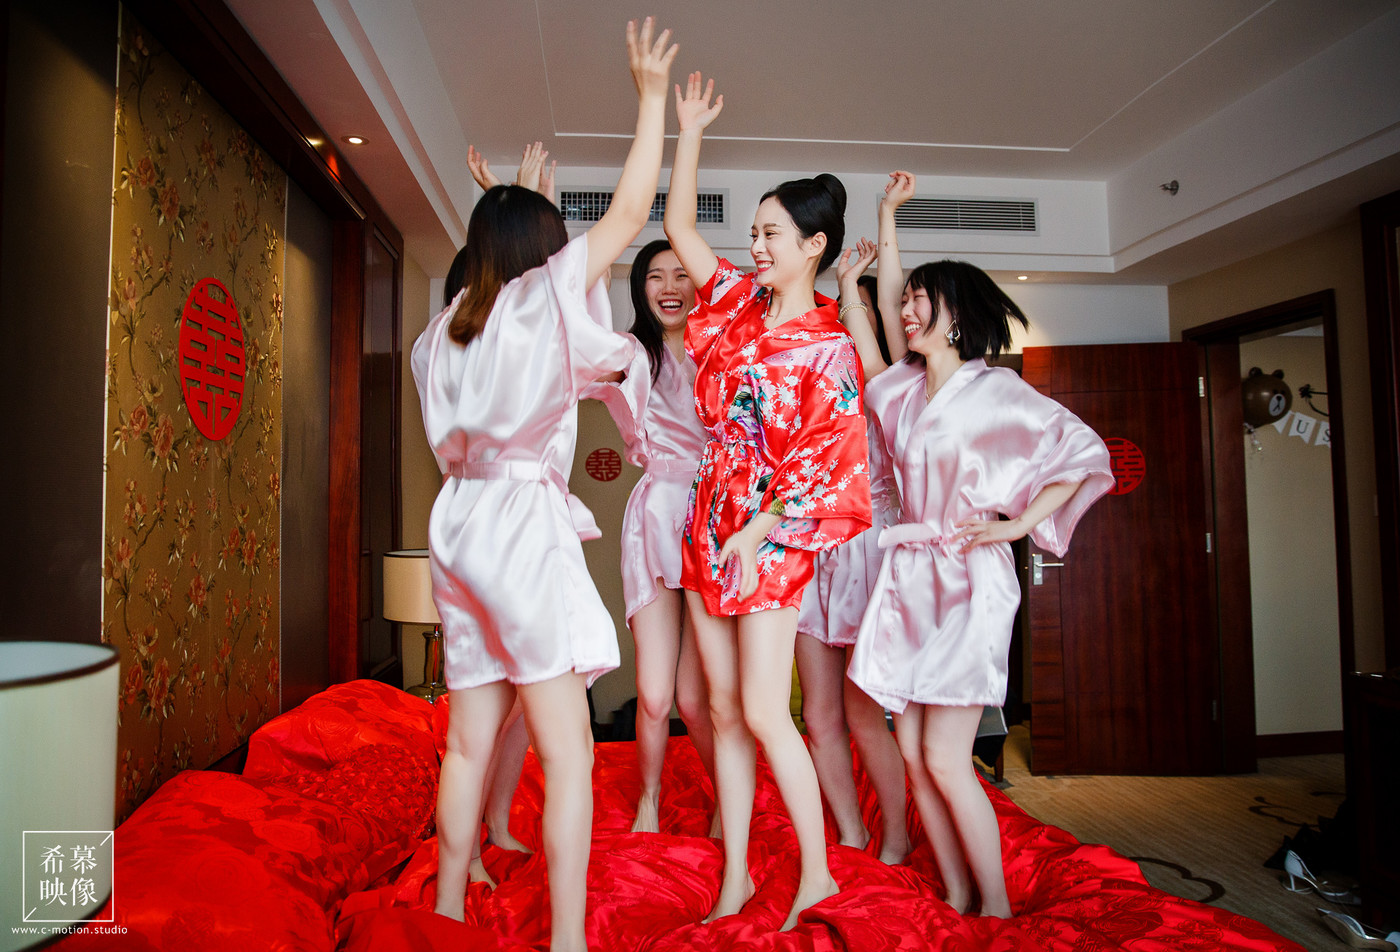 Rui&HY's Wedding10